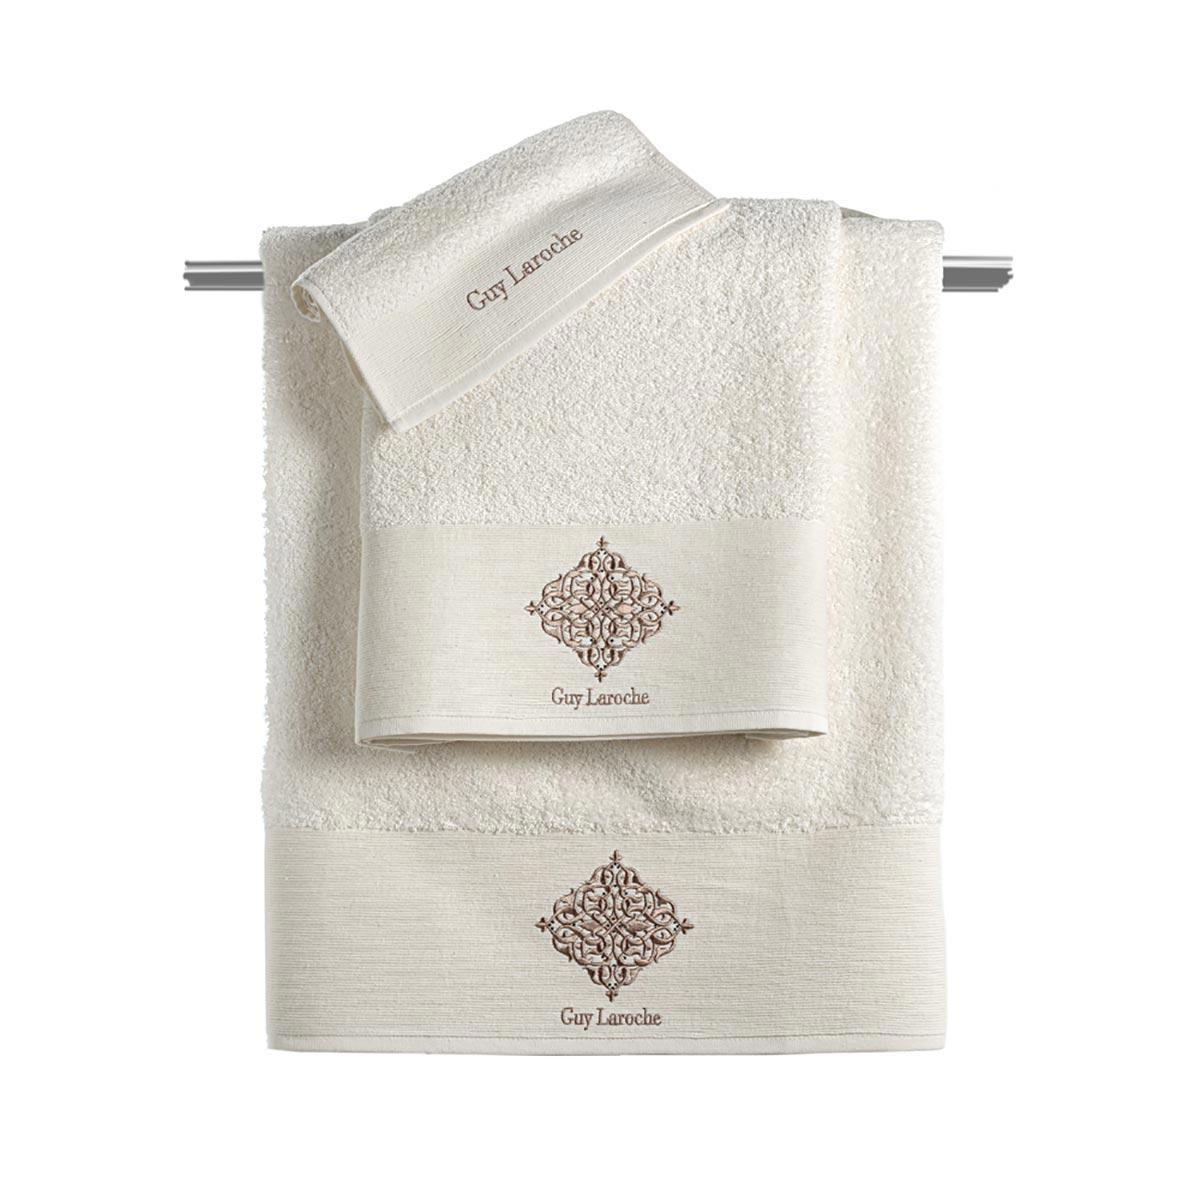 Πετσέτες Μπάνιου (Σετ 3τμχ) Guy Laroche Callista Ivory